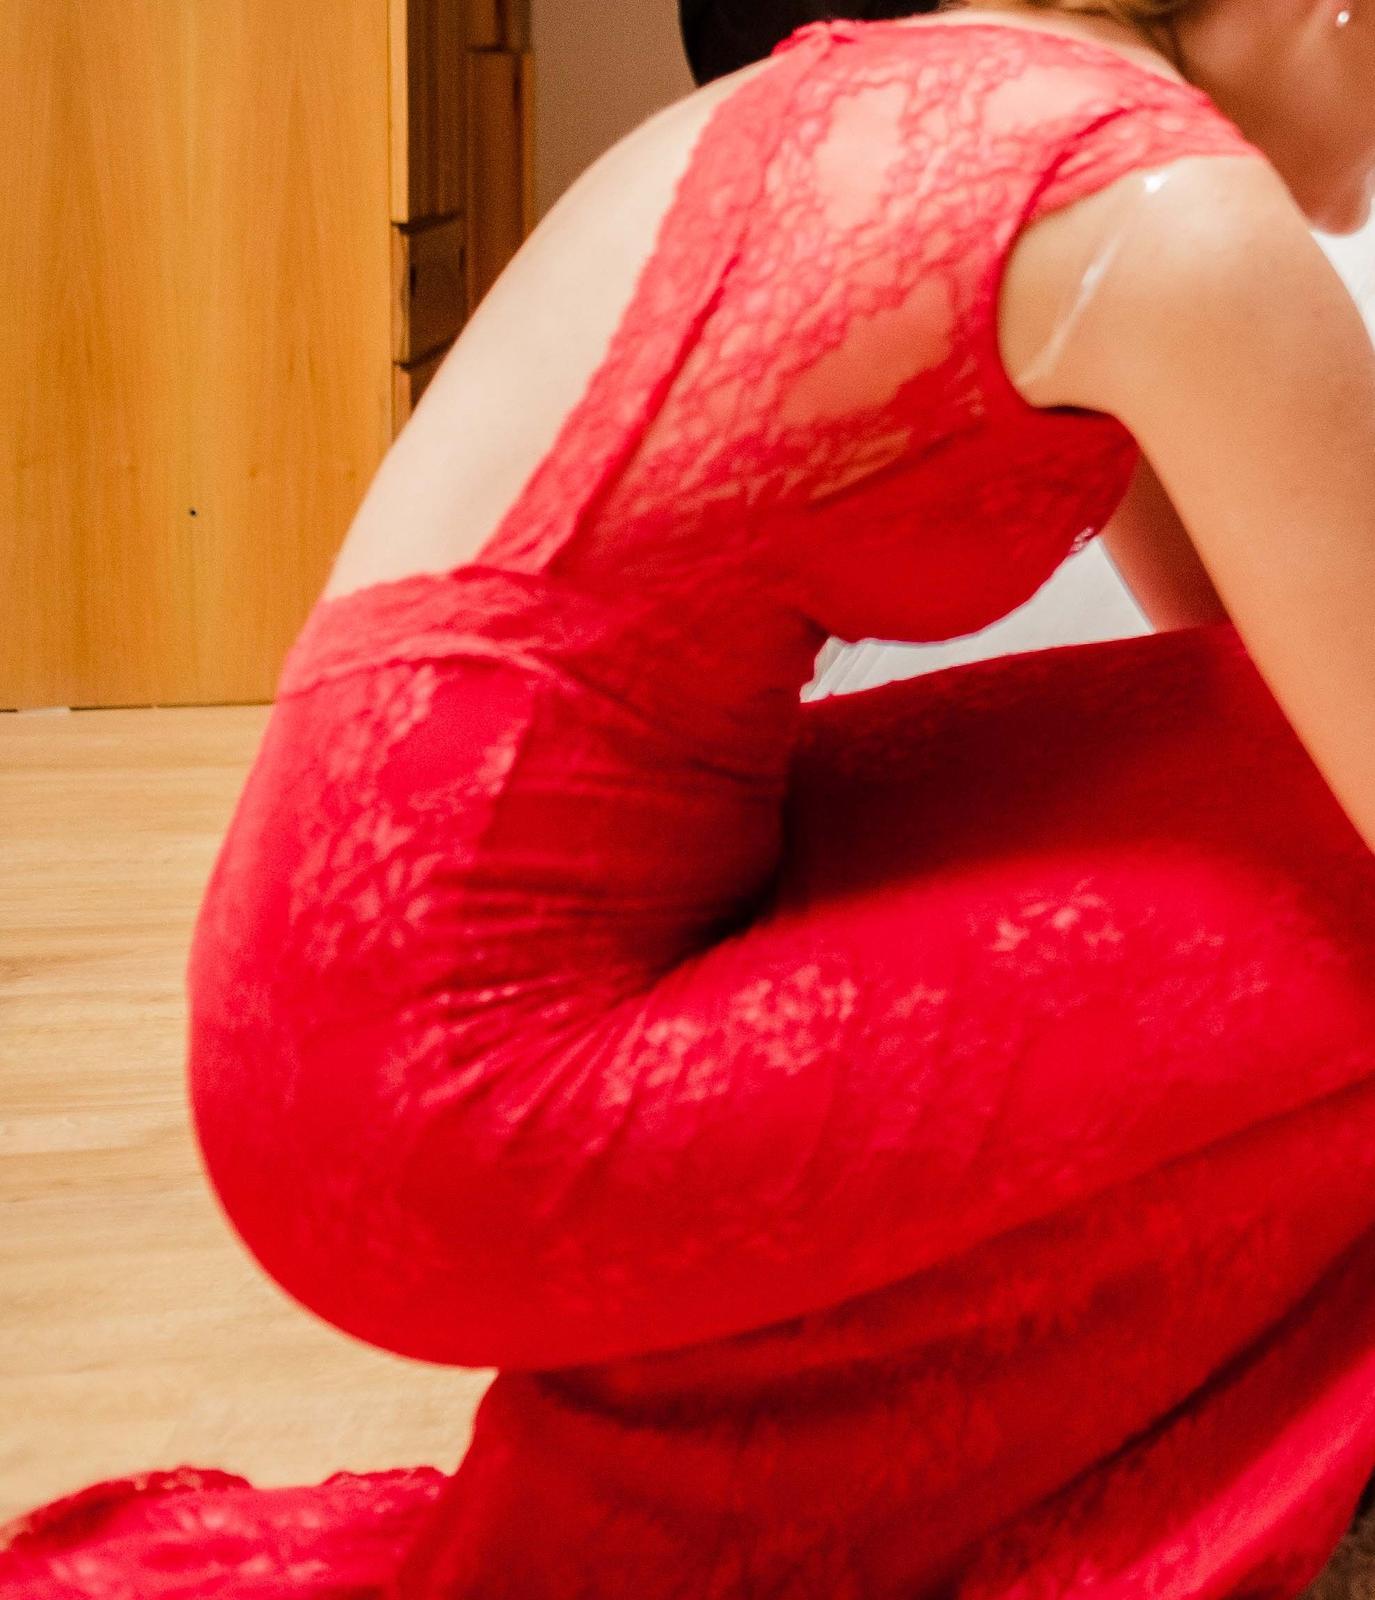 Dlhé šaty - oblečené 2x - Obrázok č. 4